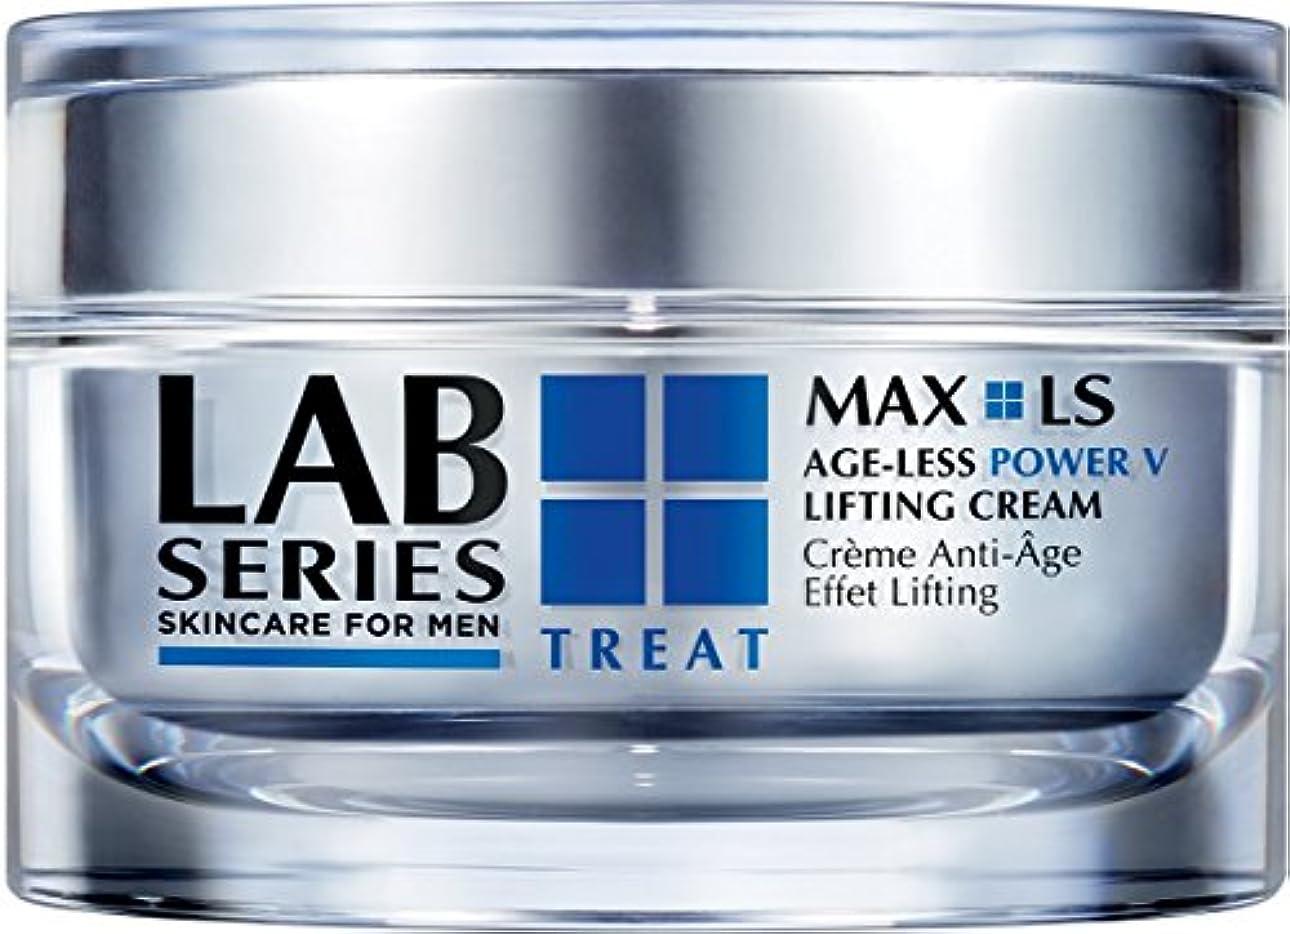 横警戒ムスタチオラボシリーズ (LAB SERIES) マックス LS V クリーム 50mL